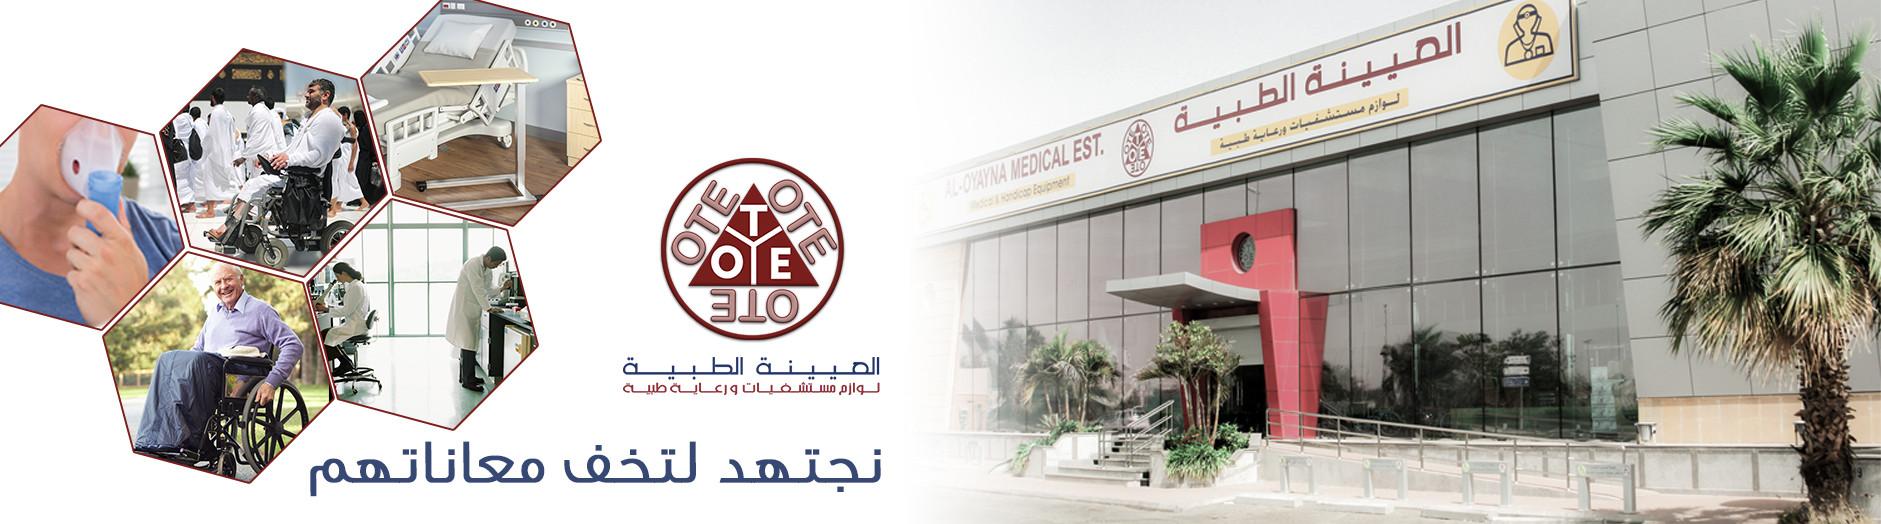 معدات طبية العيينة الطبية Jeddah